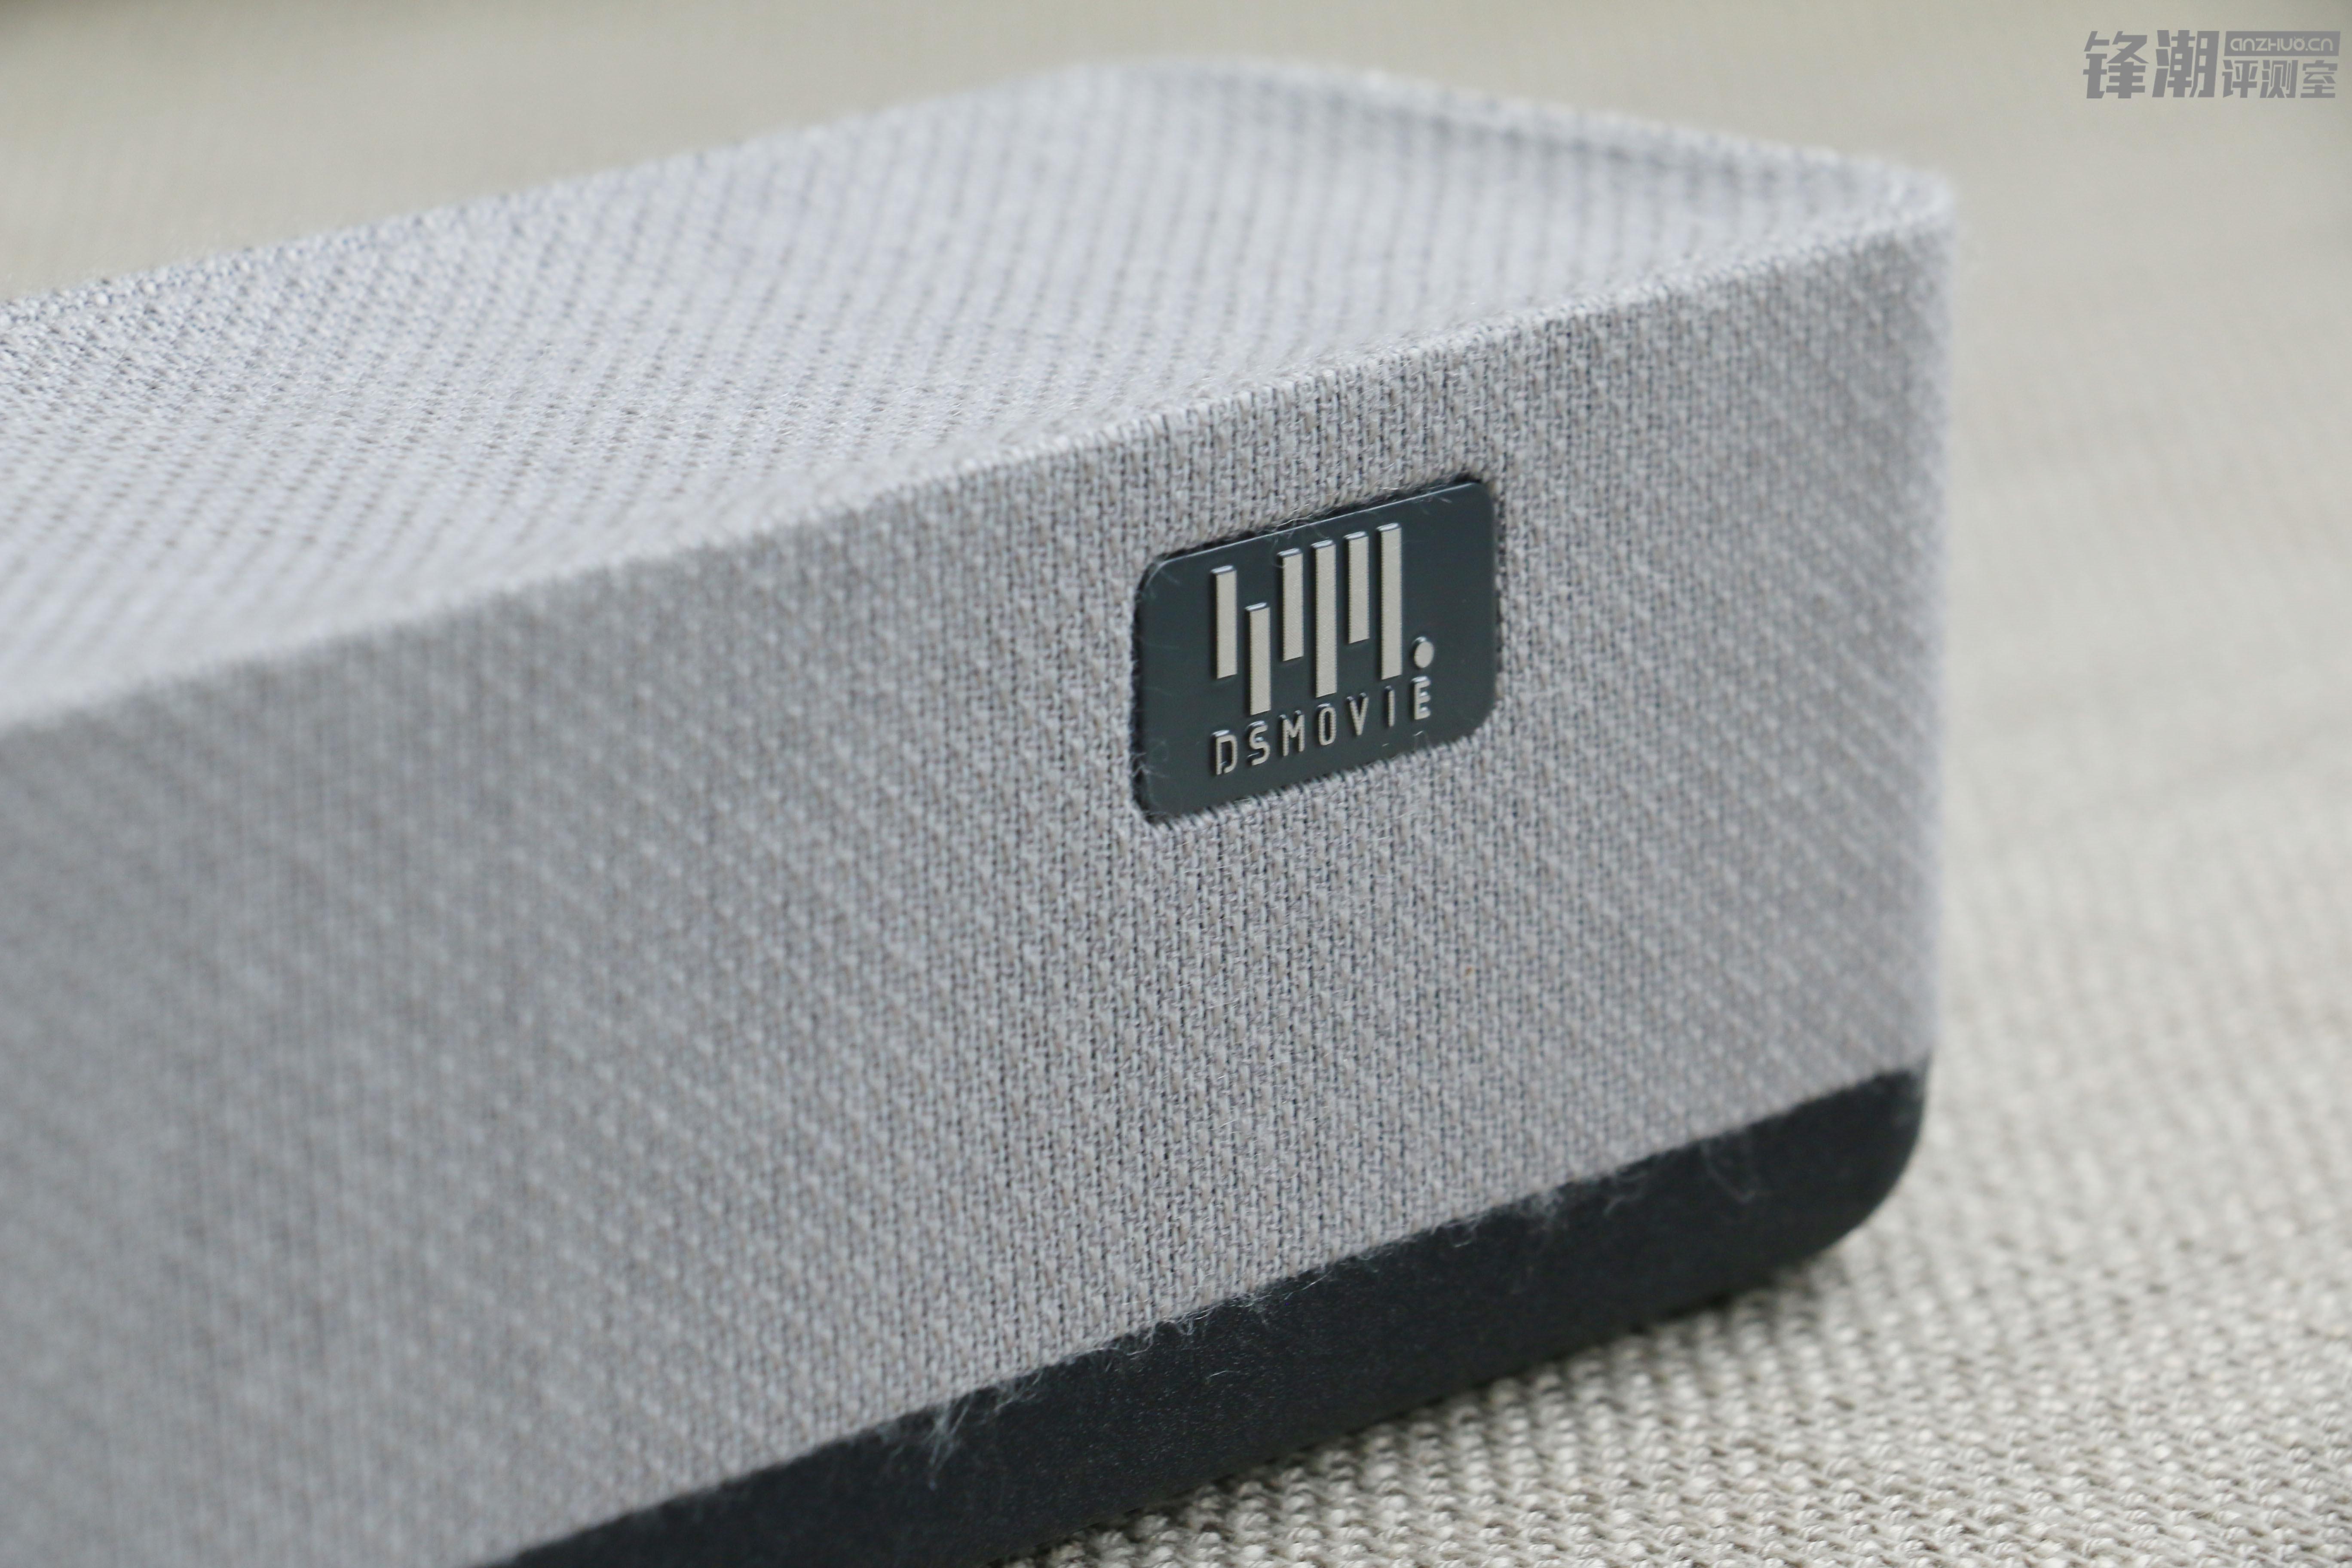 【力皮西】给生活加点料:音曼Omnos全景声Soundbar 体验评测